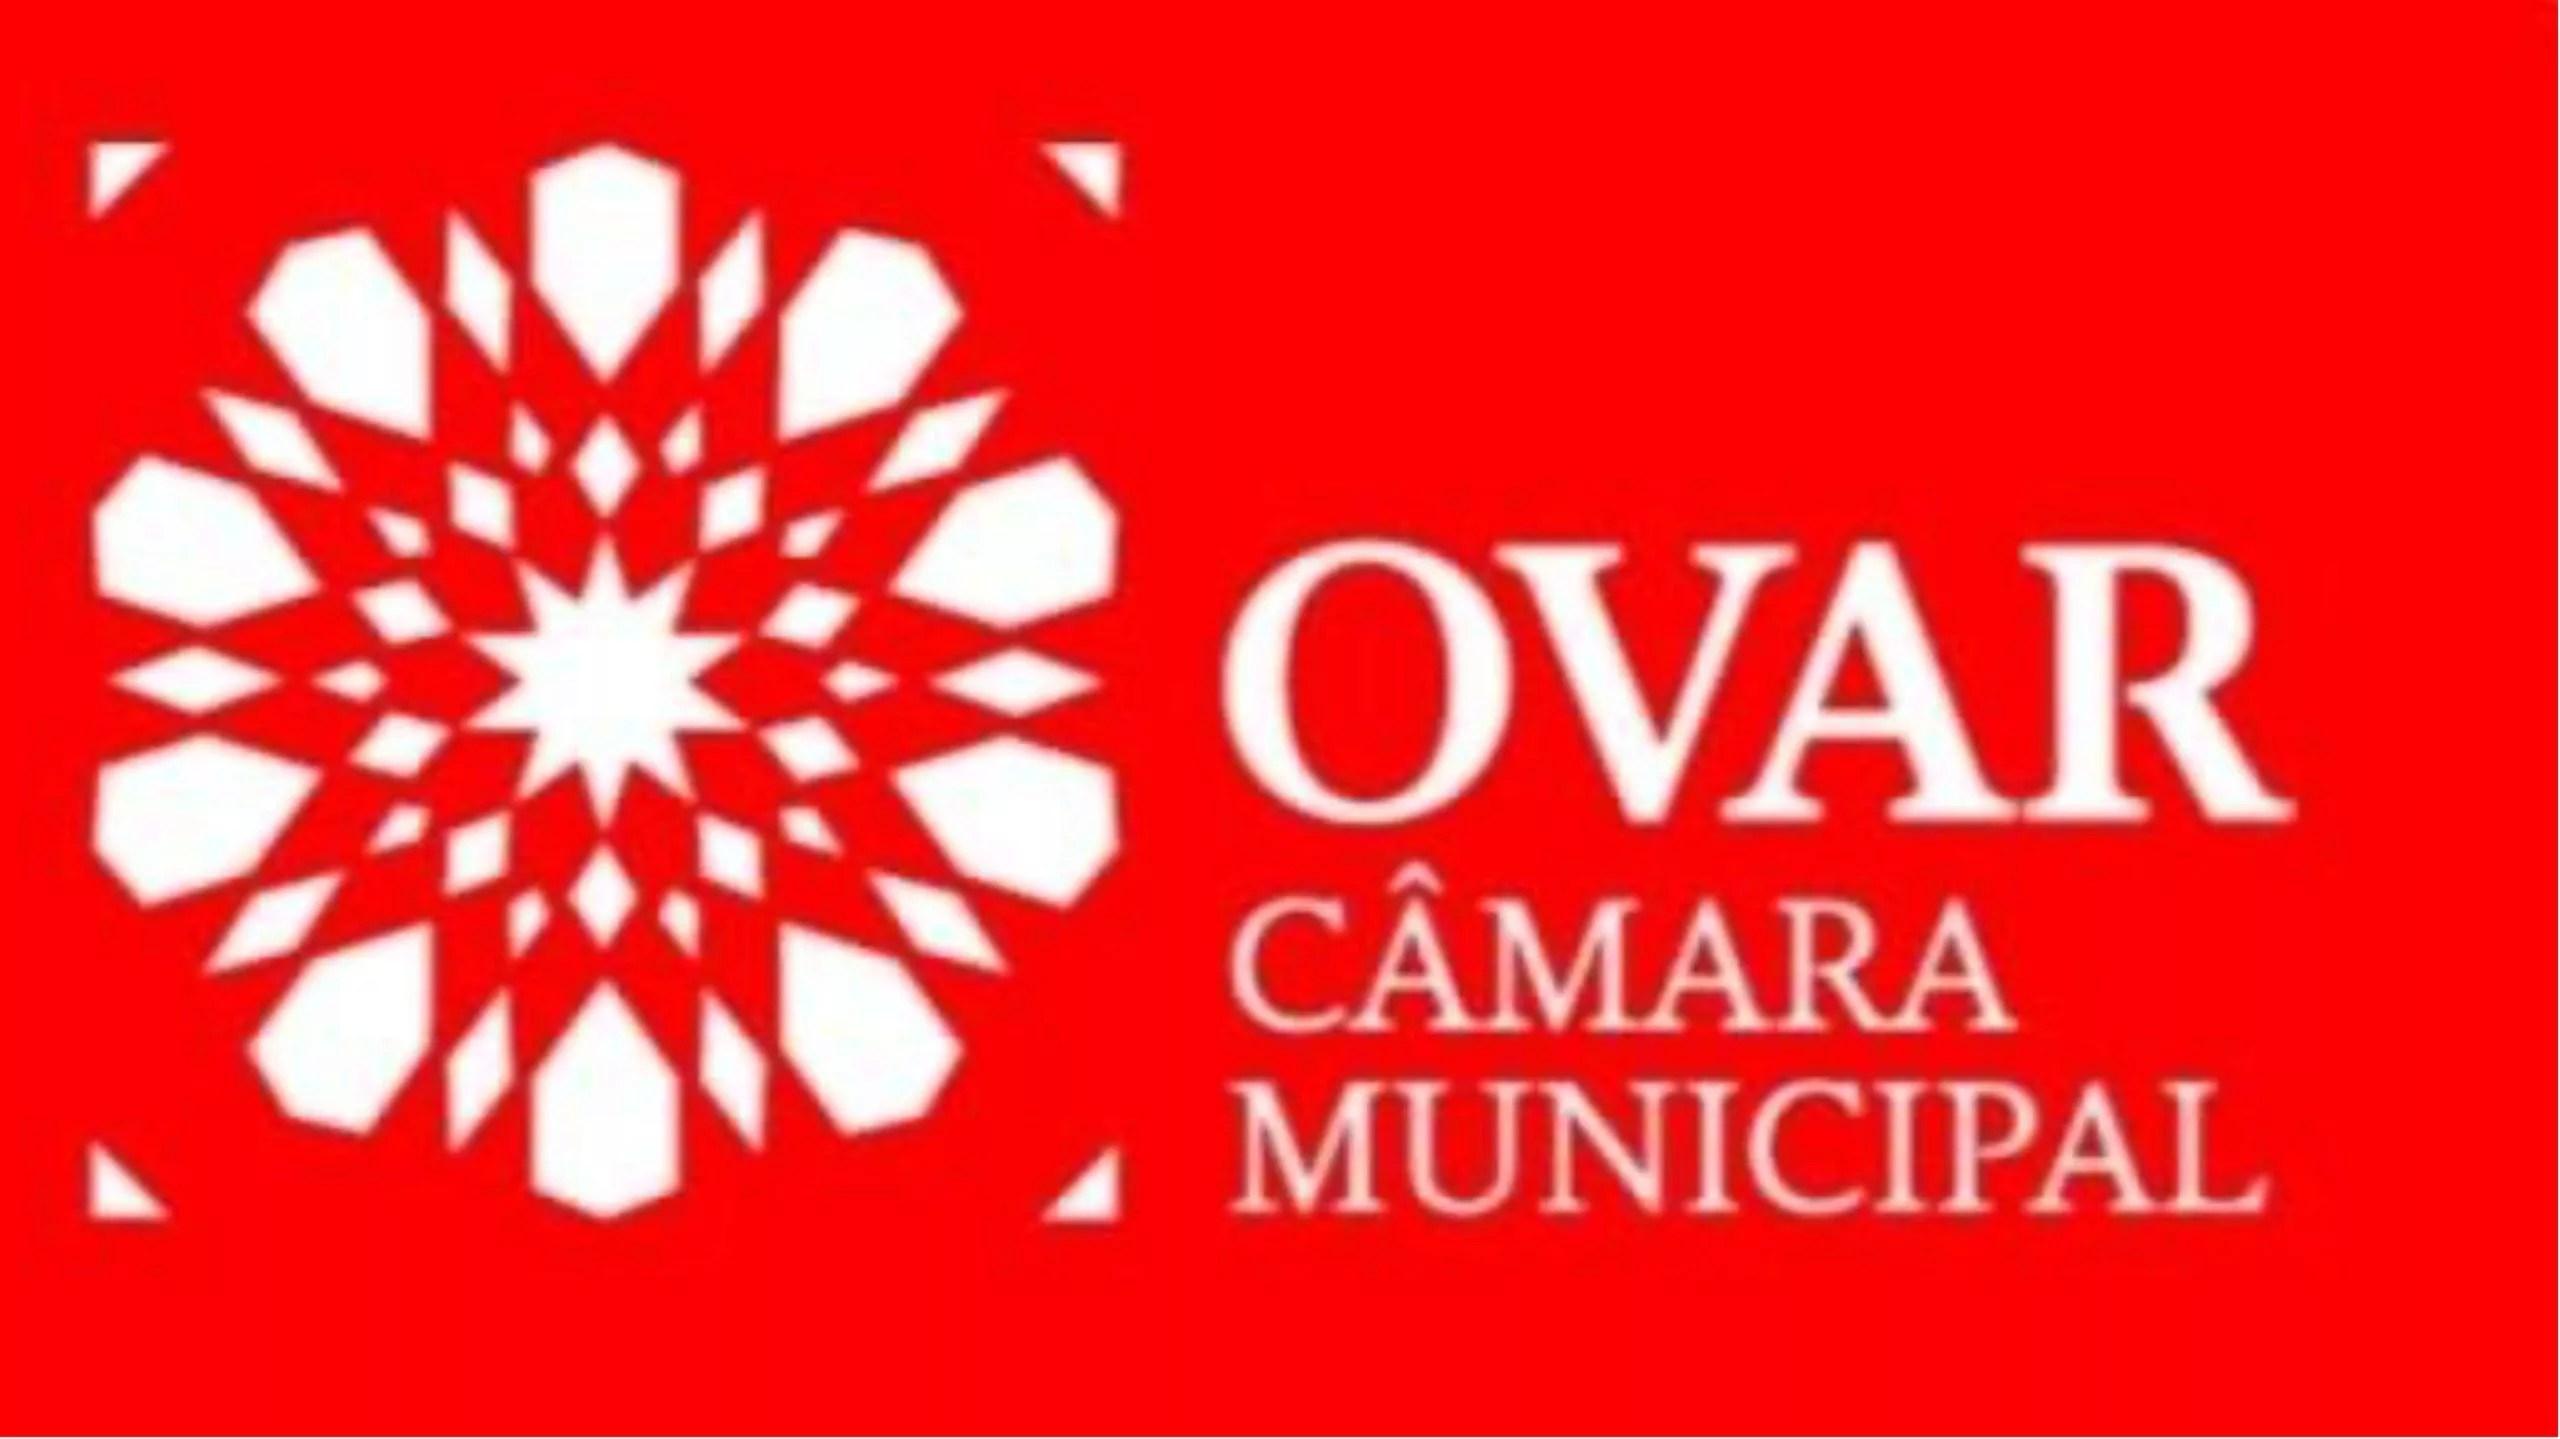 Covid-19 Ovar, la région placée en isolement